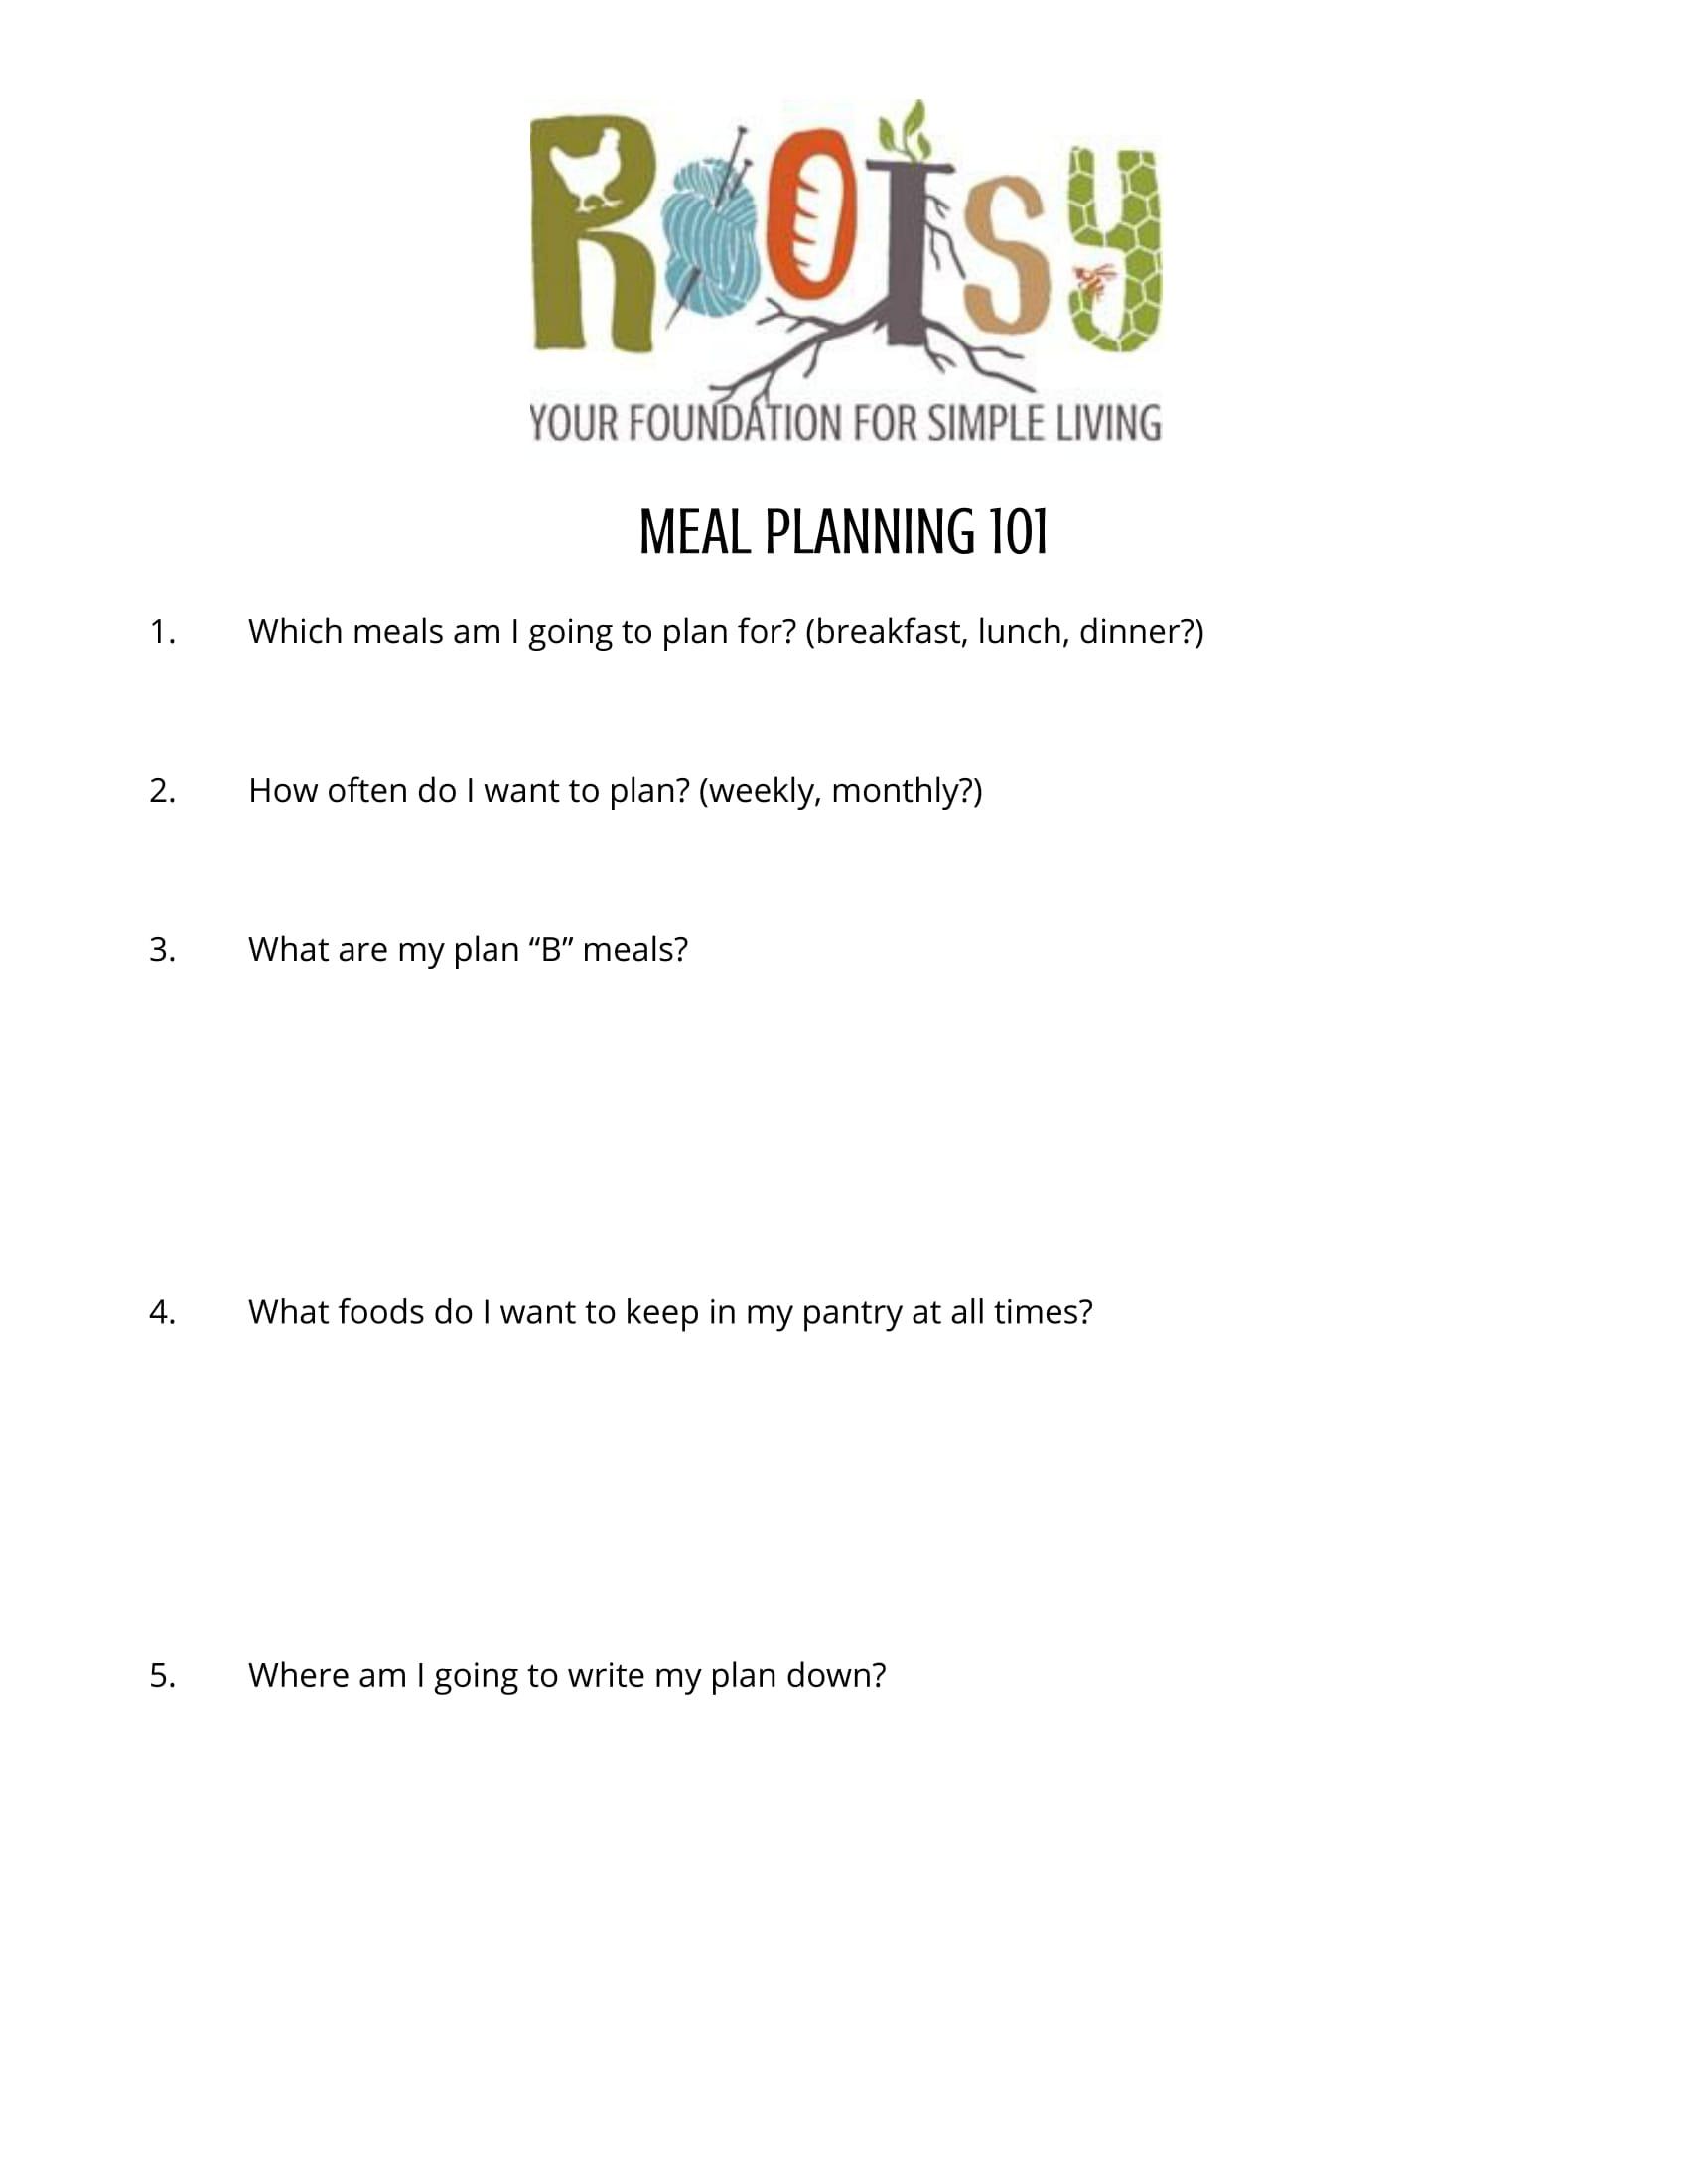 Meal Planning 101 Worksheets 1